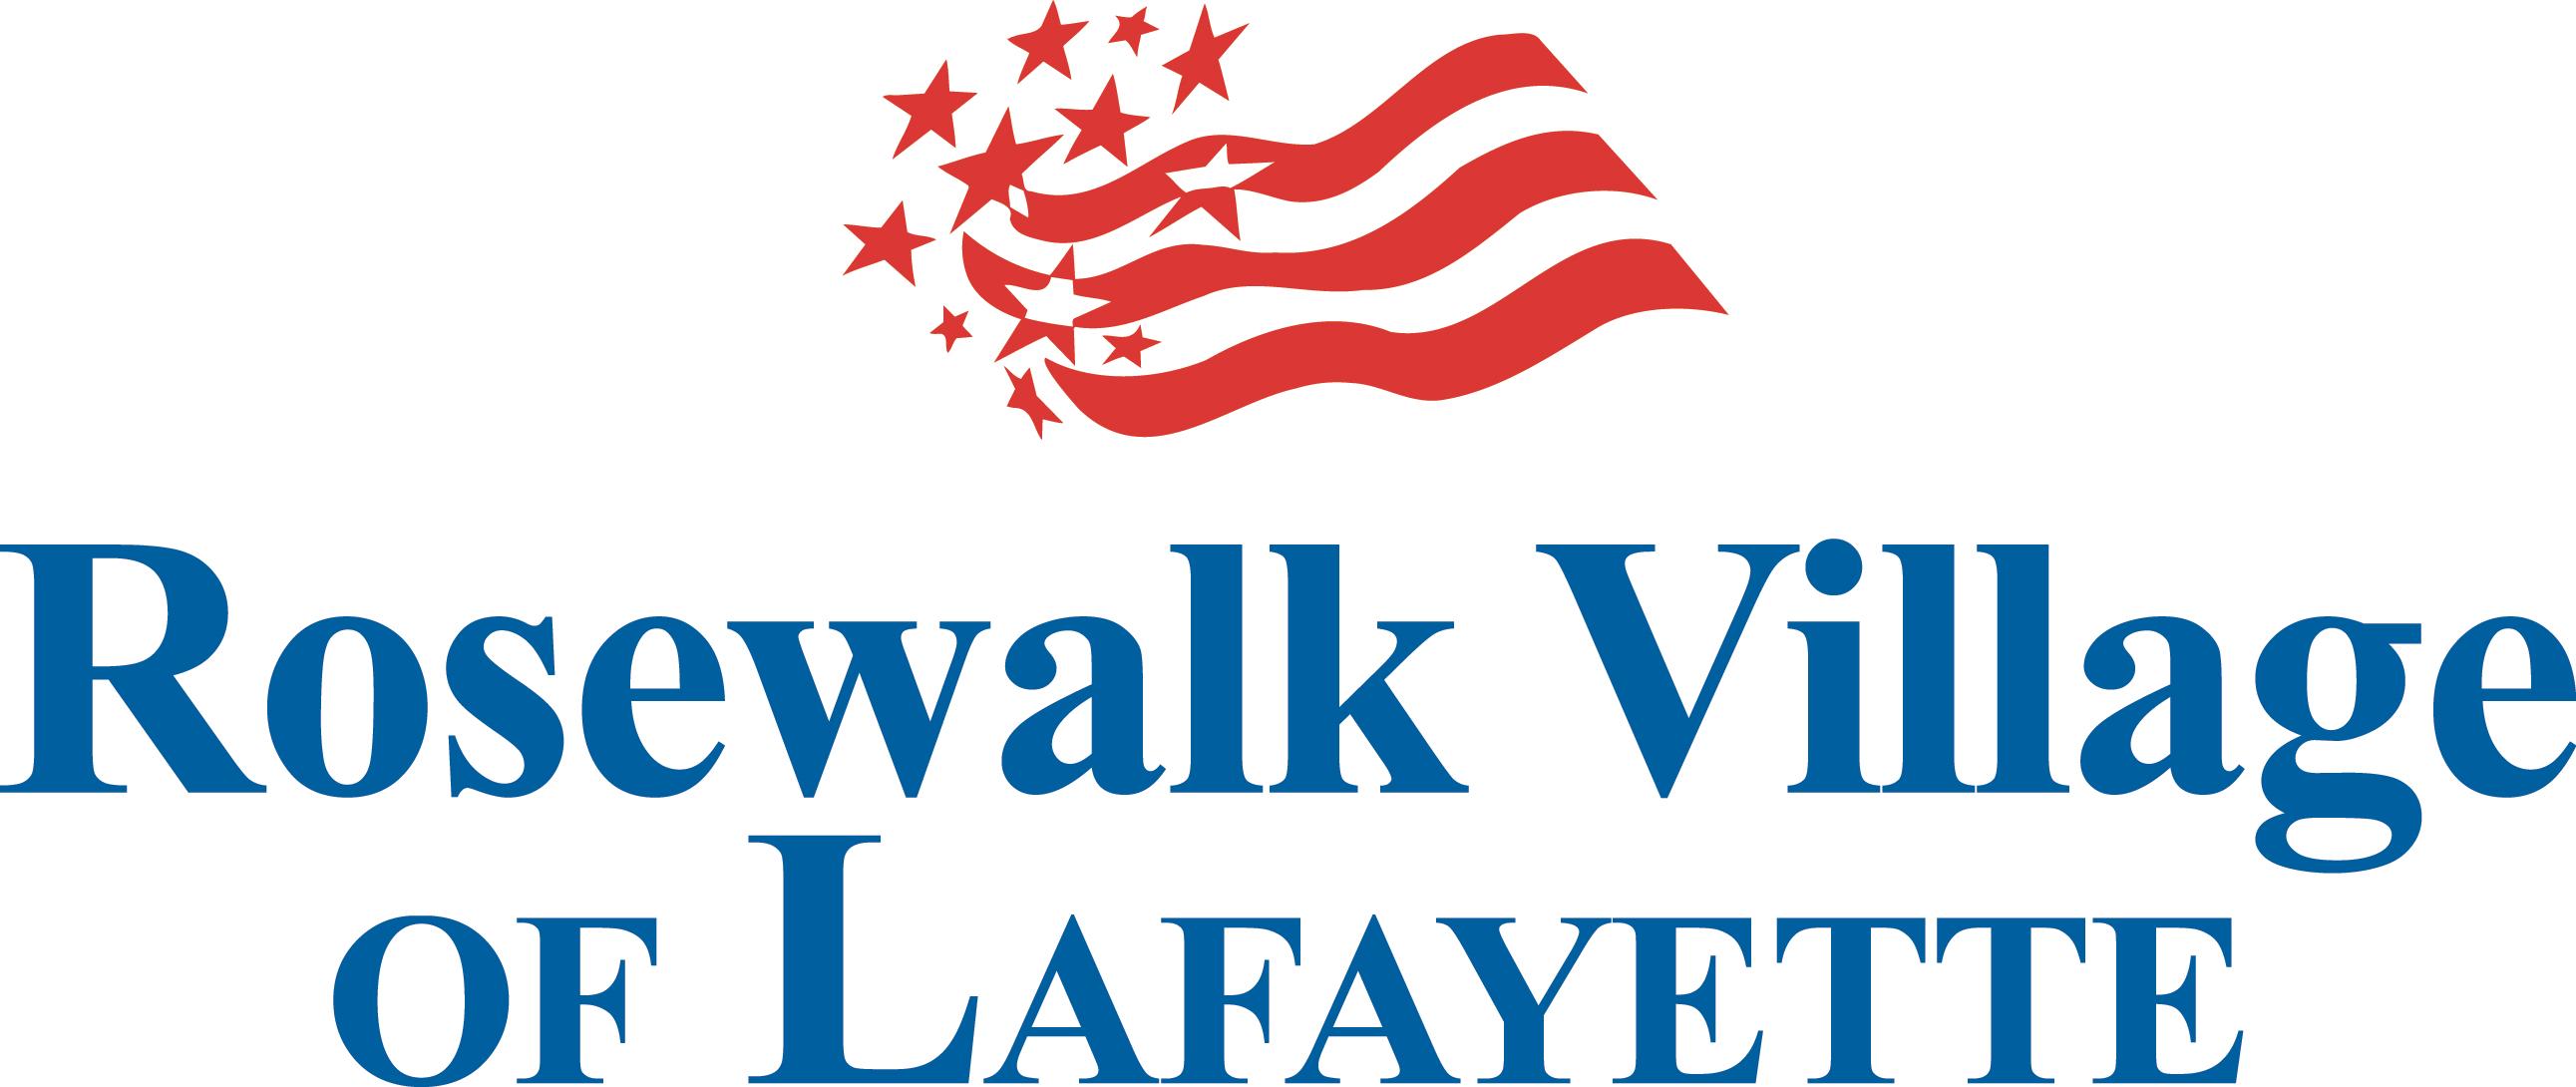 Rosewalk Village of Lafayette